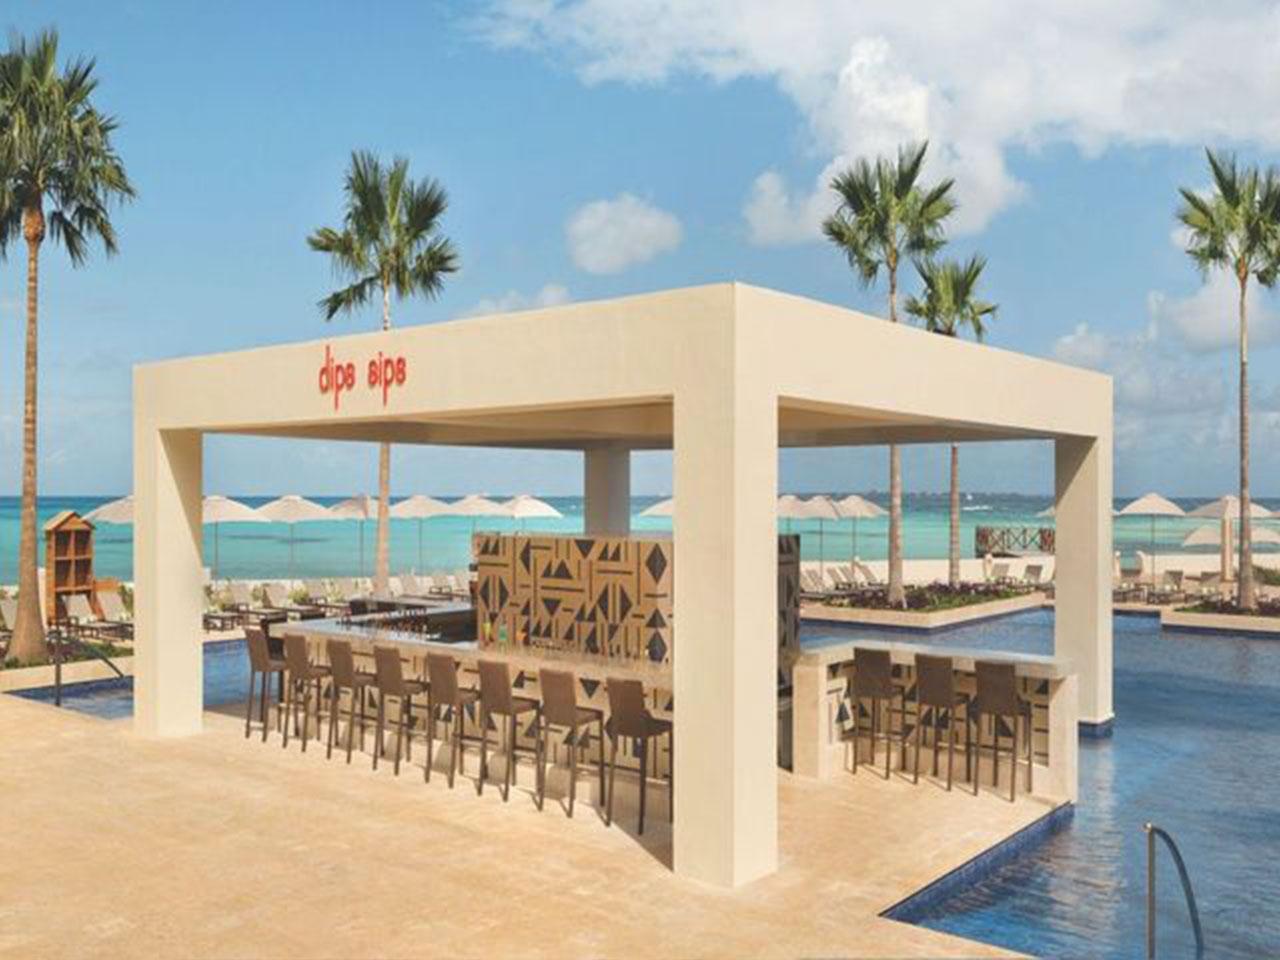 wedding Planner en Monterrey, Boda en la playa, Las mejores bodas en la playa en México - Paquetes internacionales 1: Intimate Elegance